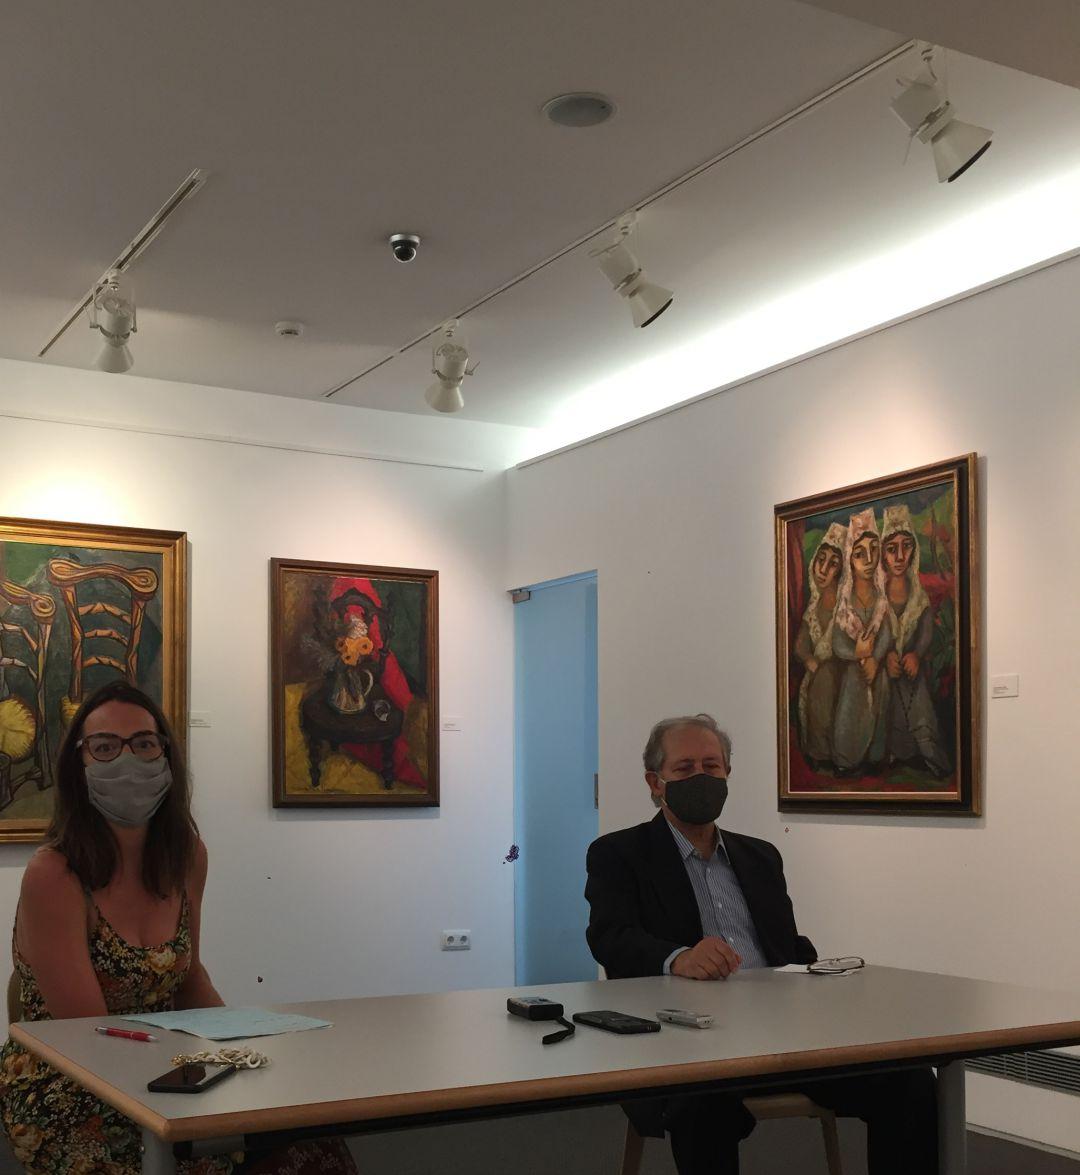 La delegada de Cultura, Juncal Eizaguirre junto con el comisario de la exposición, Iñaki Ruiz de Eguino, en la presentación de la exposición